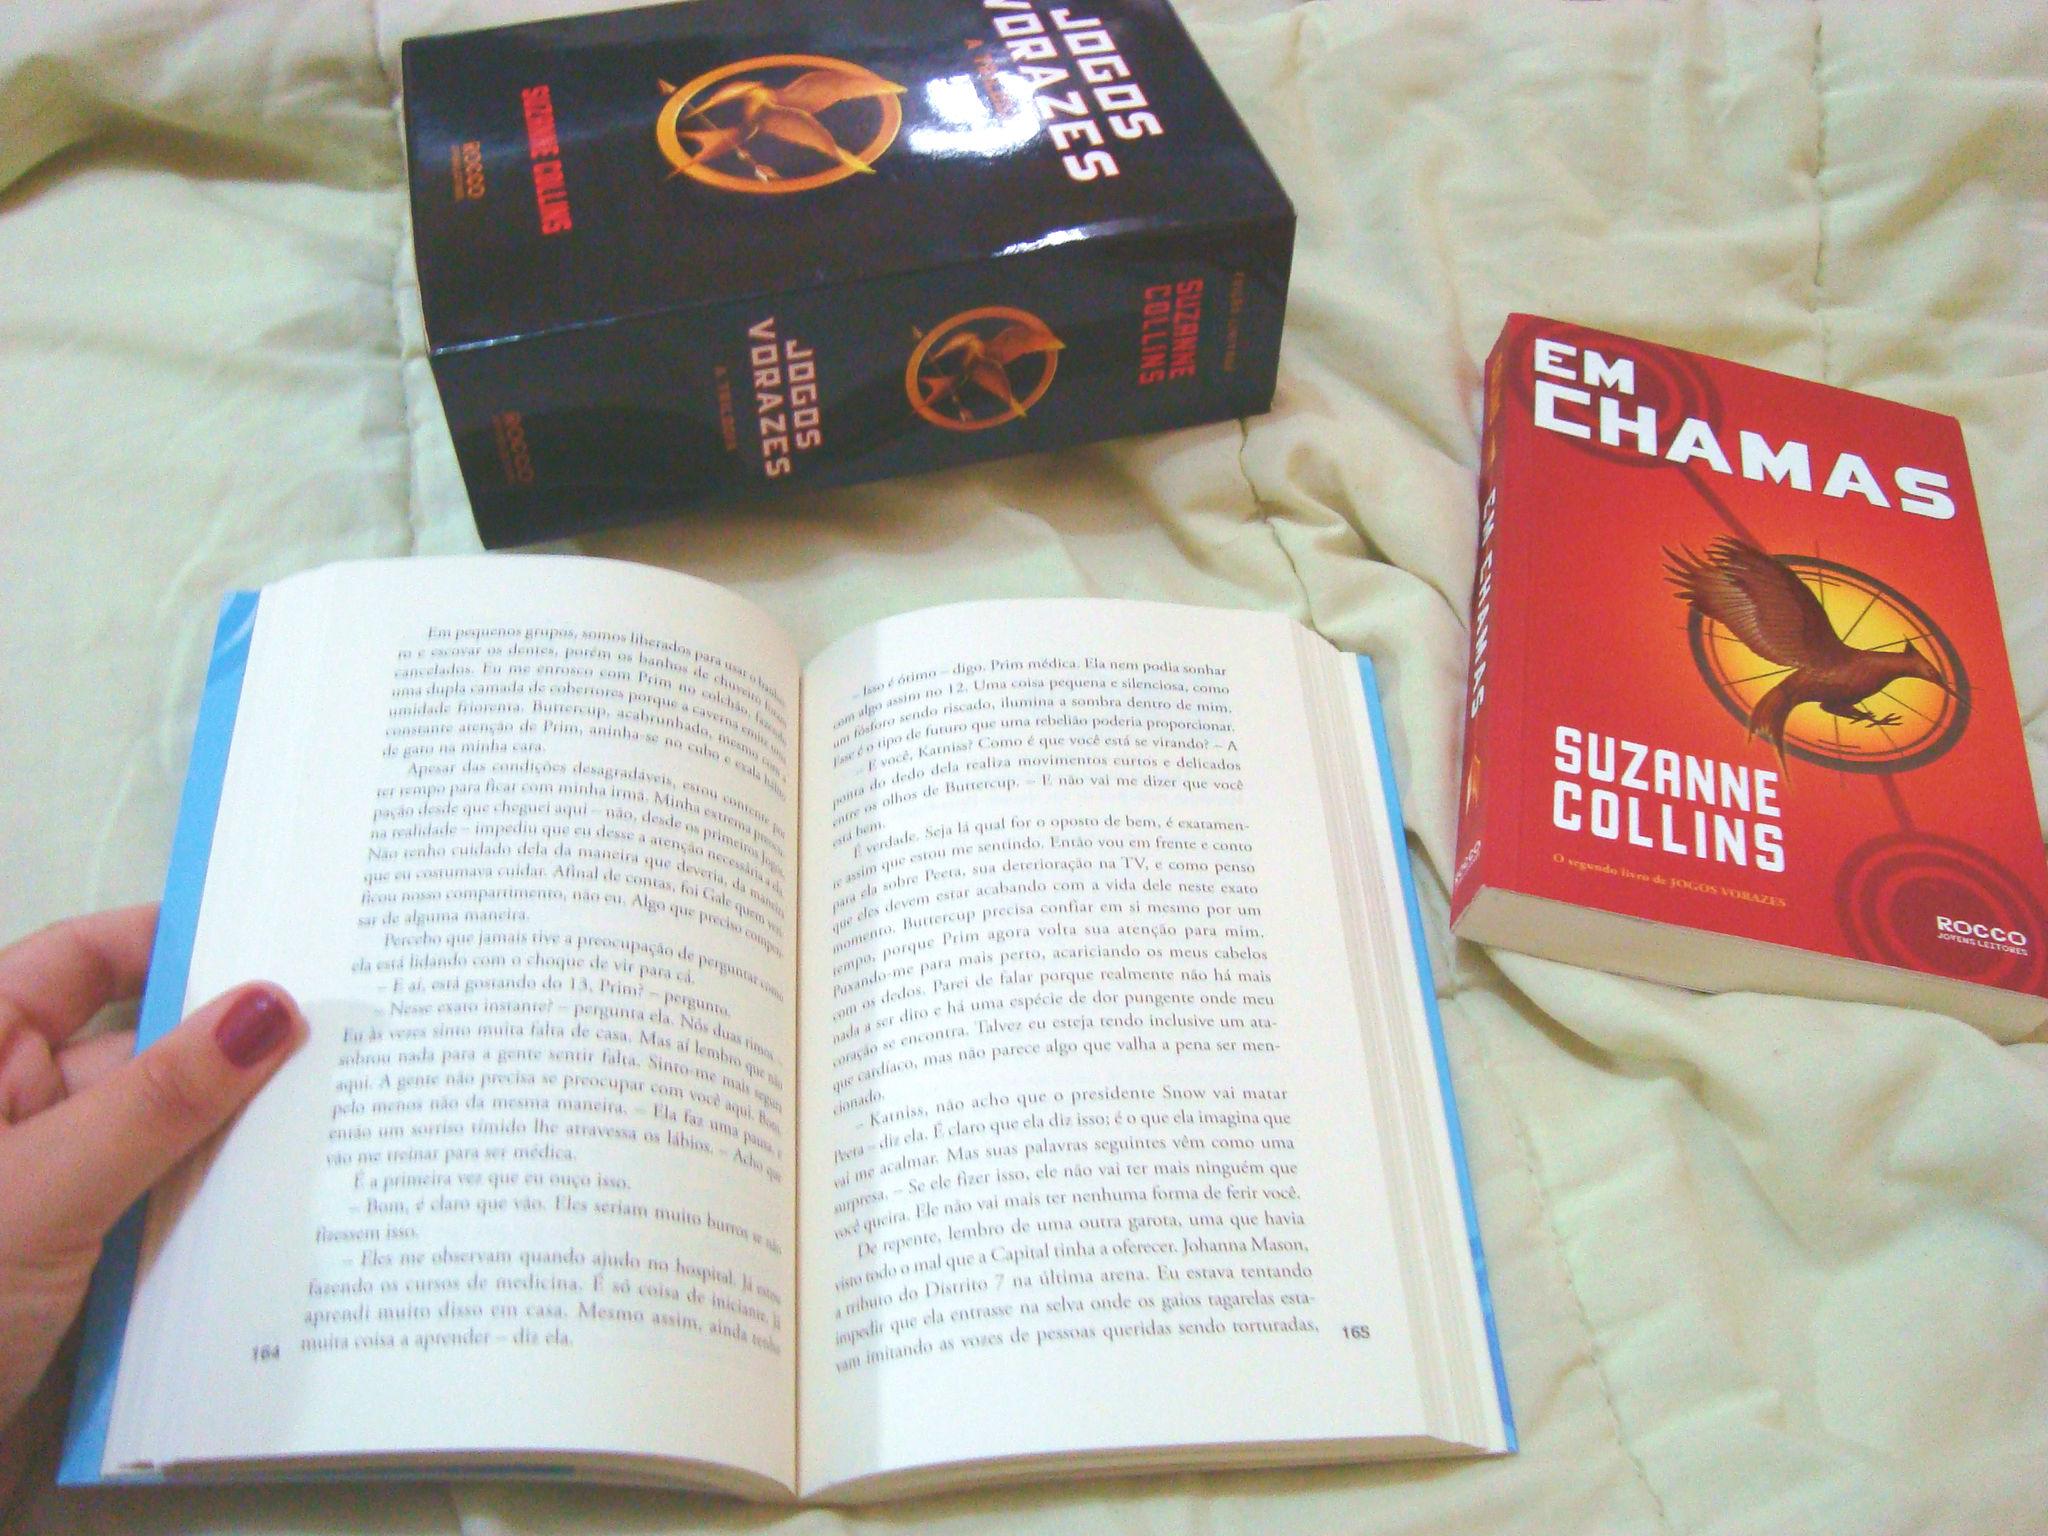 Páginas do livro A Esperança da série Jogos Vorazes